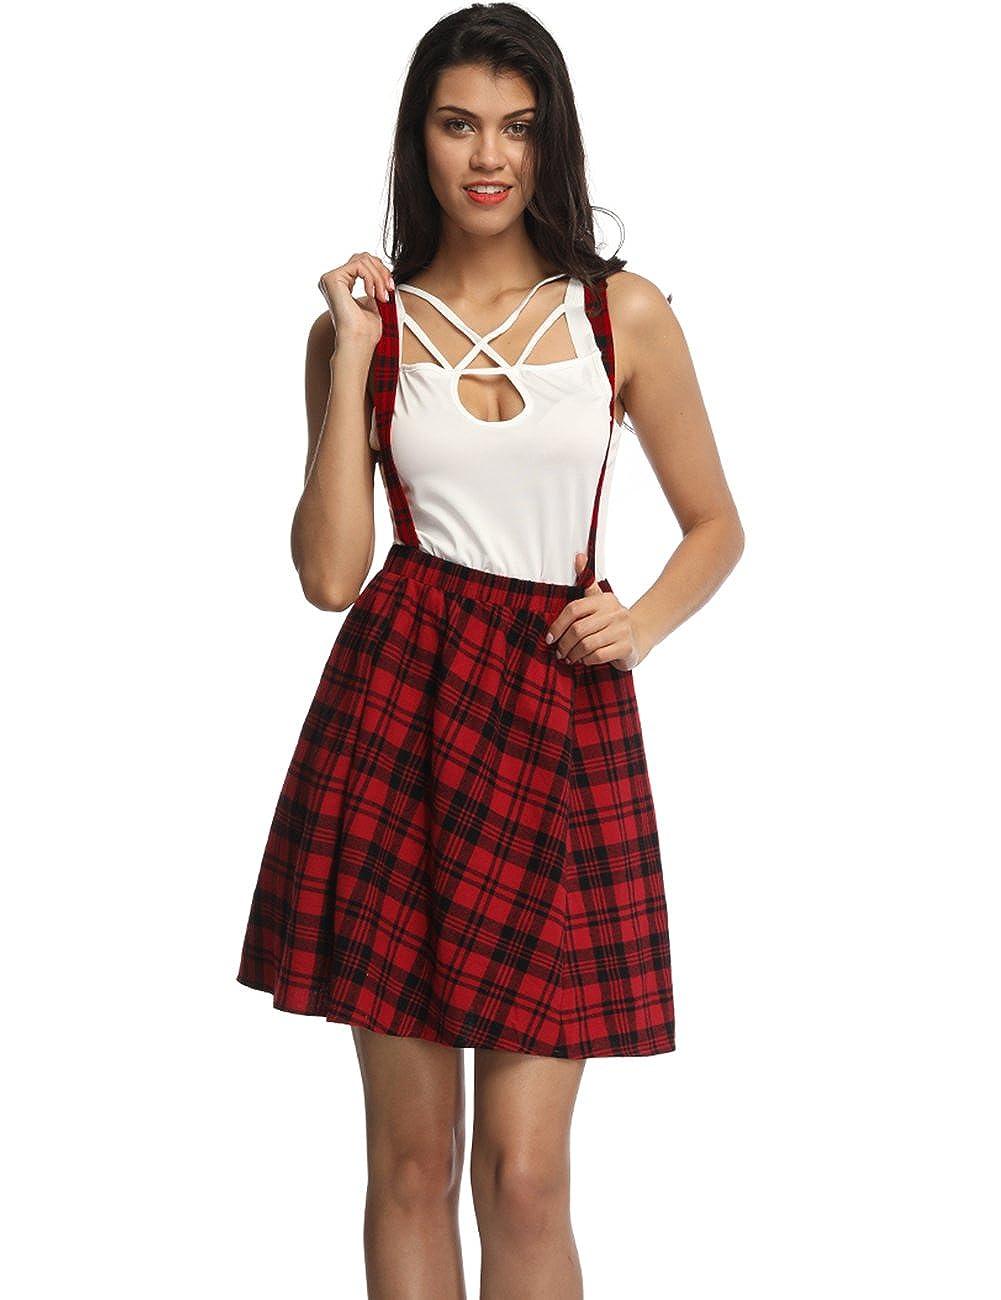 231f8be85 Queenromen Women's Plaid Flared Suspender Skirt Elastic Waist Tartan Short  Braces Skirt Rockabilly Skater Dress: Amazon.co.uk: Clothing